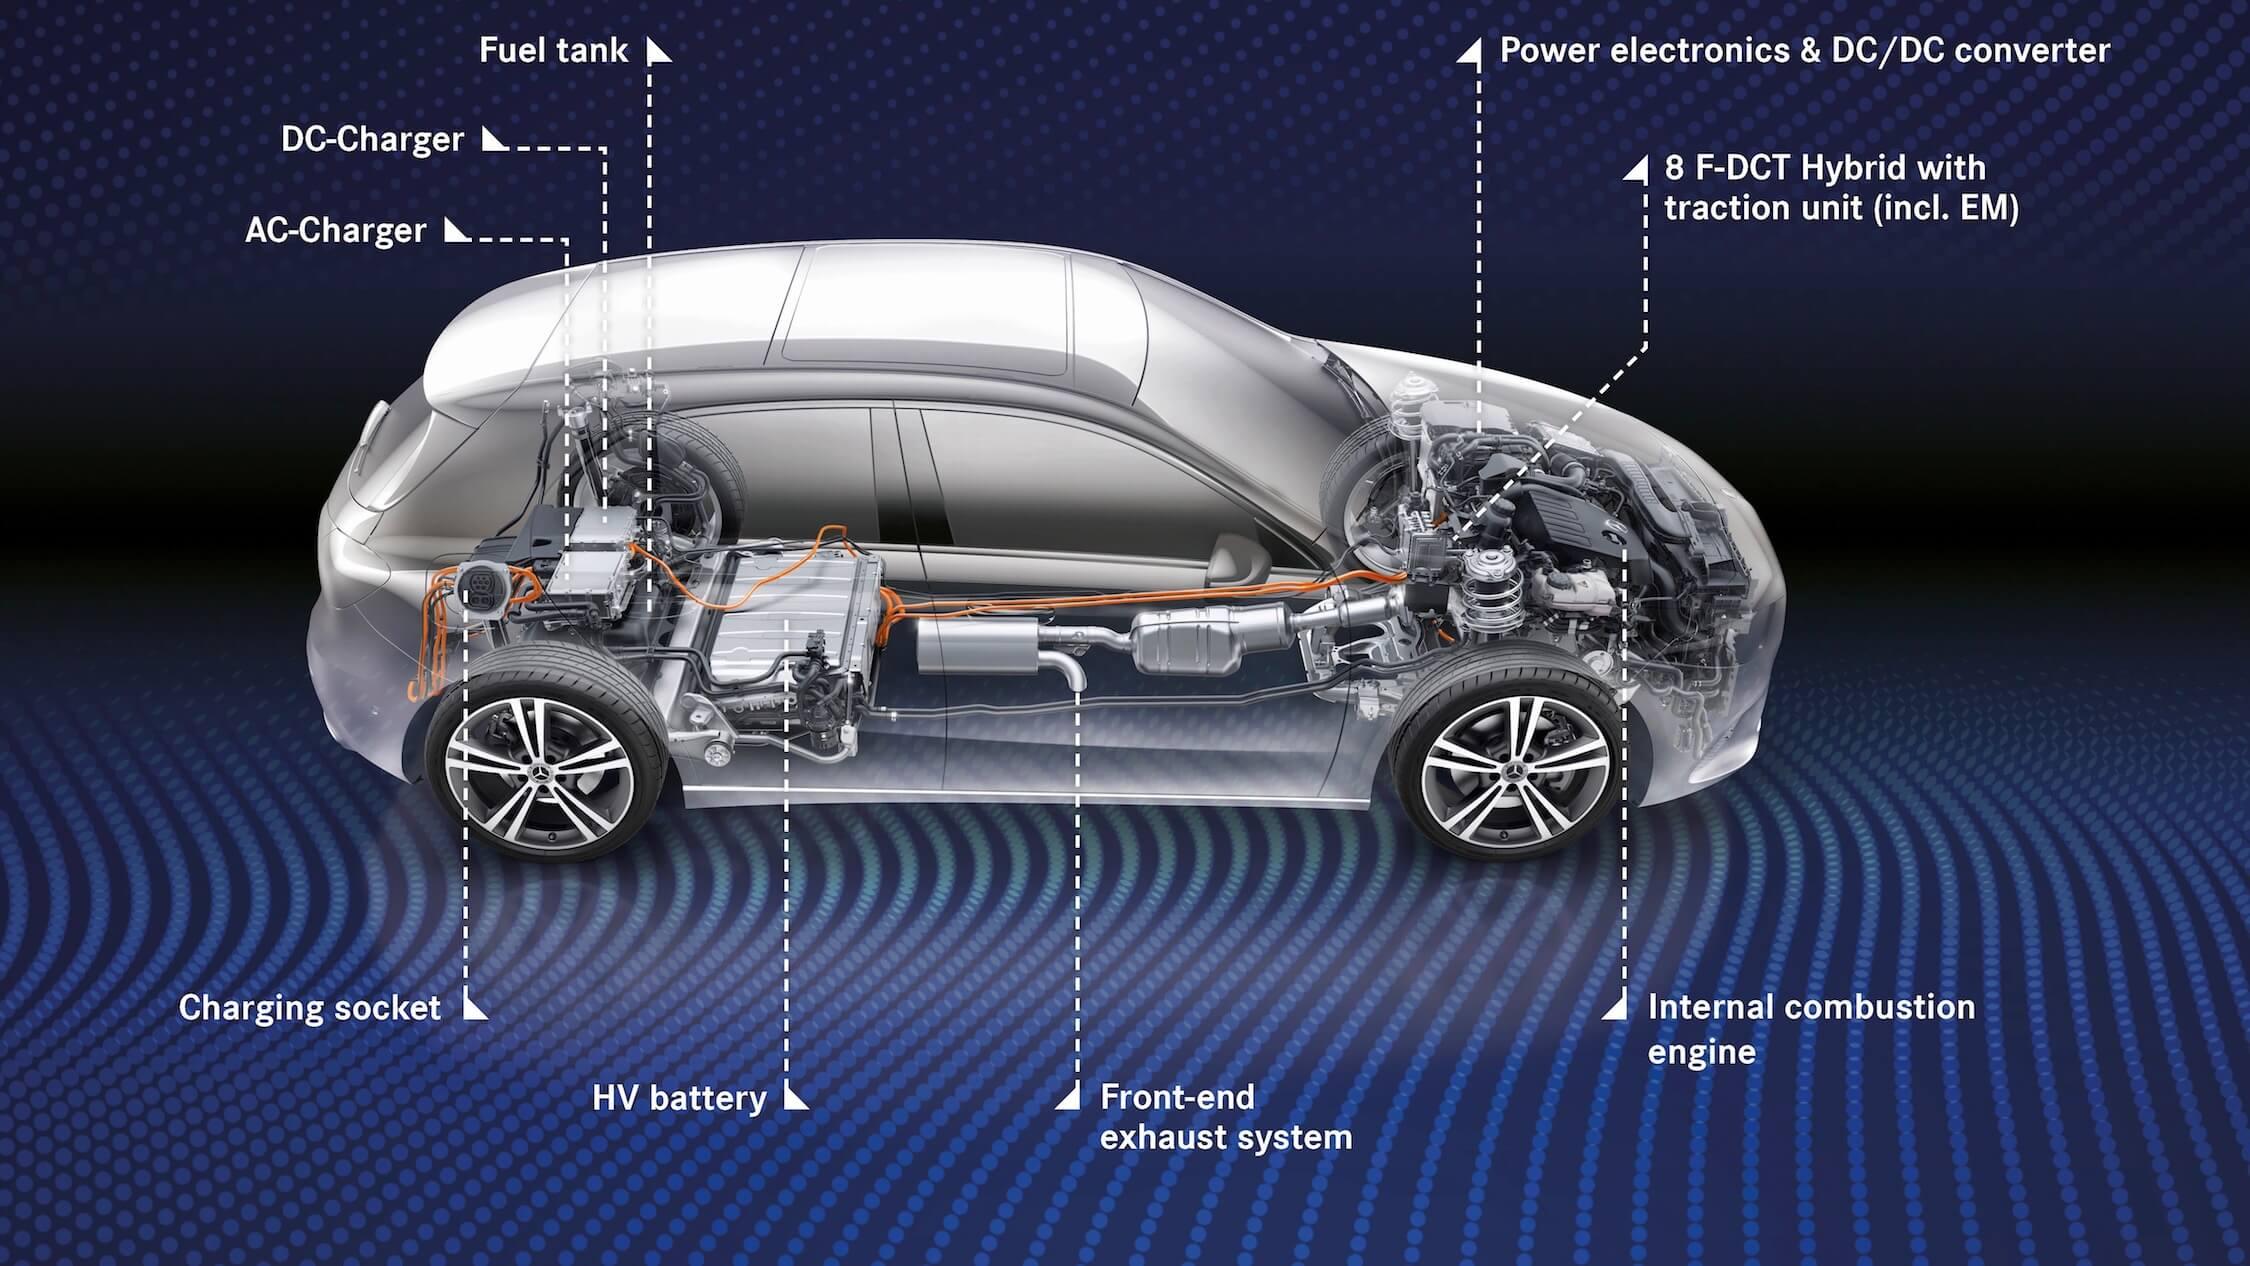 Mercedes A 250e hybride aandrijflijn batterij motor